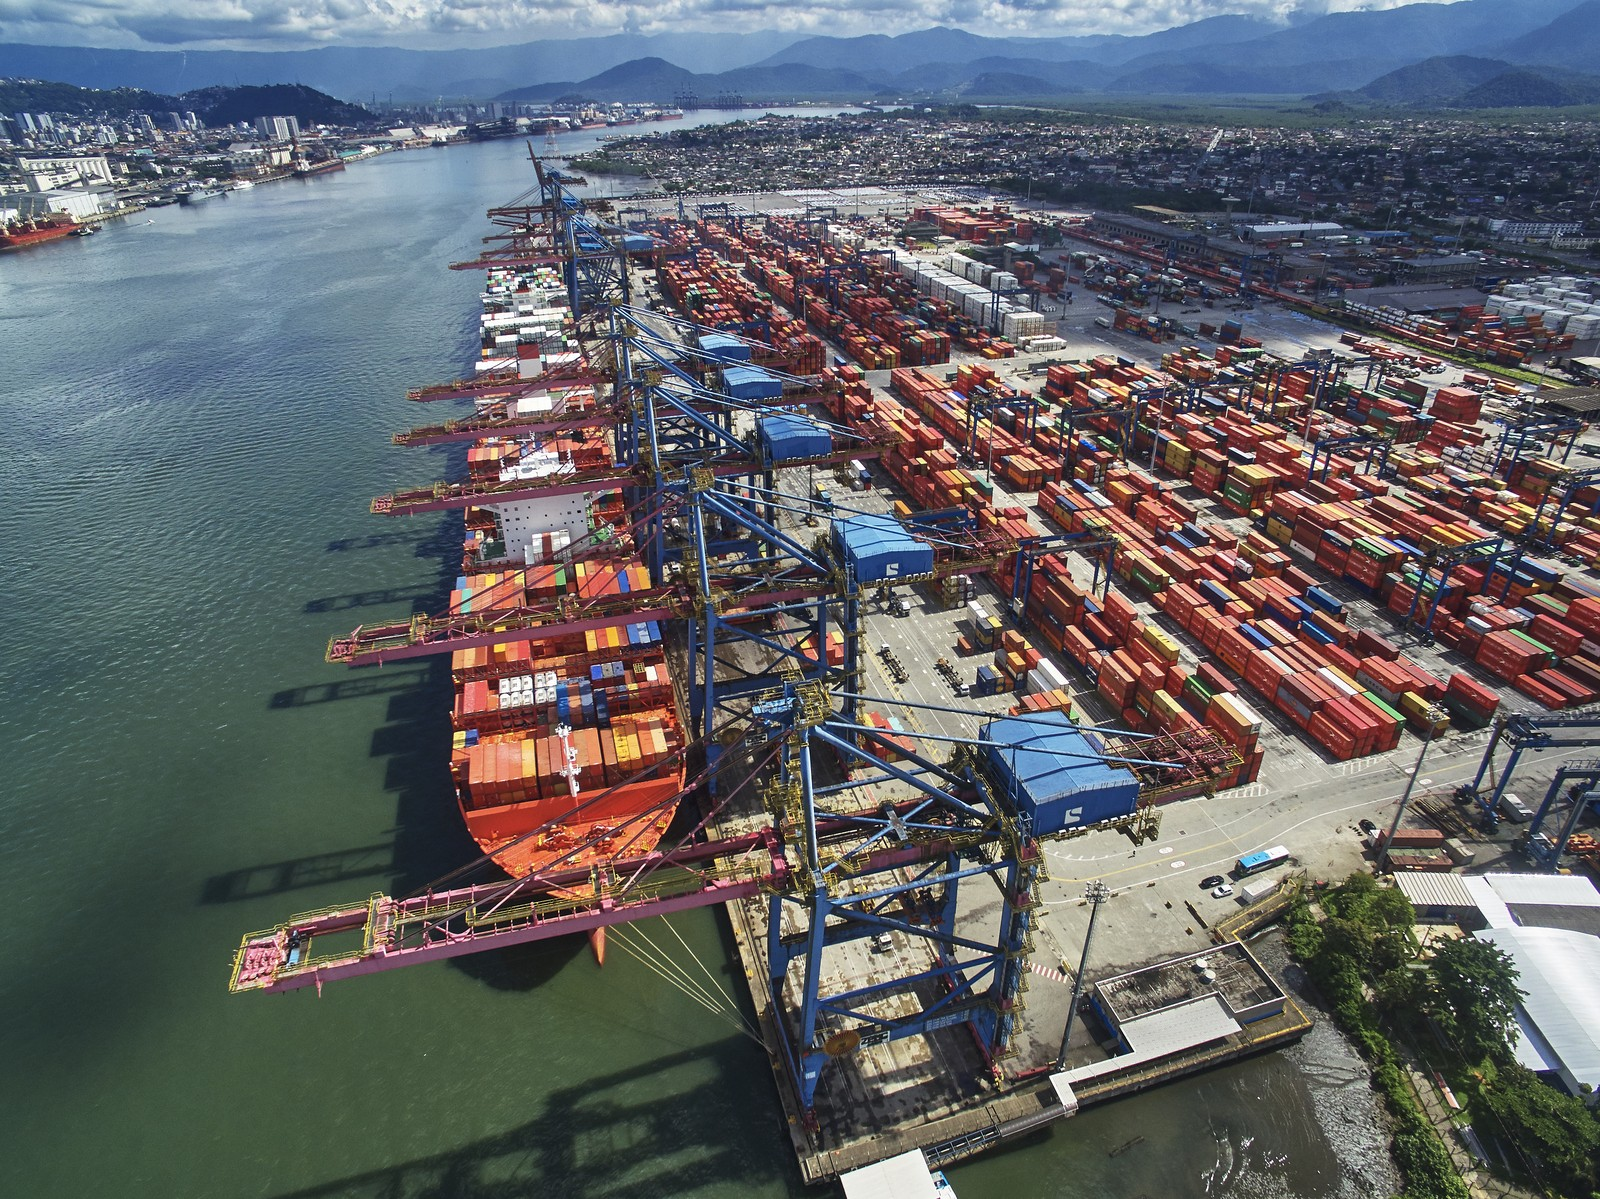 Porto de Santos mantém liderança com 25 milhões de t movimentadas